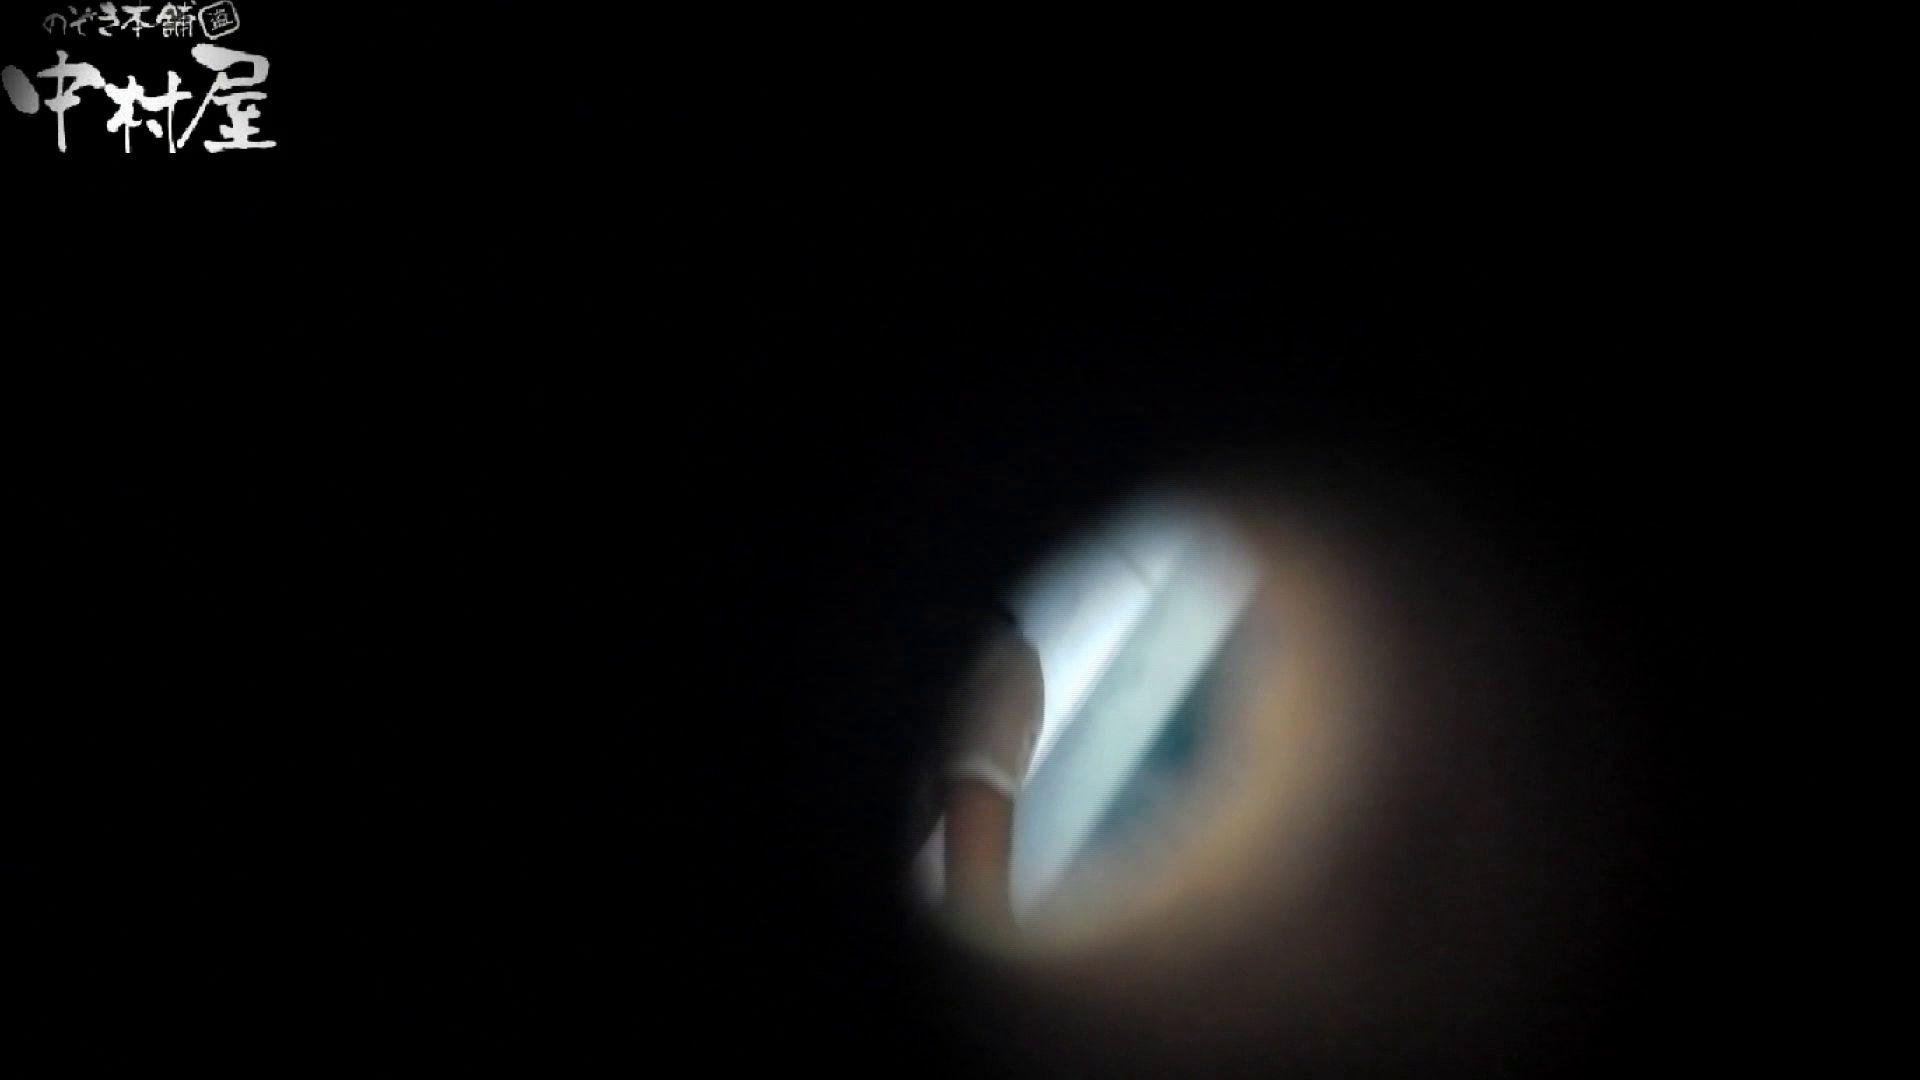 世界の射窓から vol.45 尻出しスマホ 後編 HなOL   洗面所  68pic 7